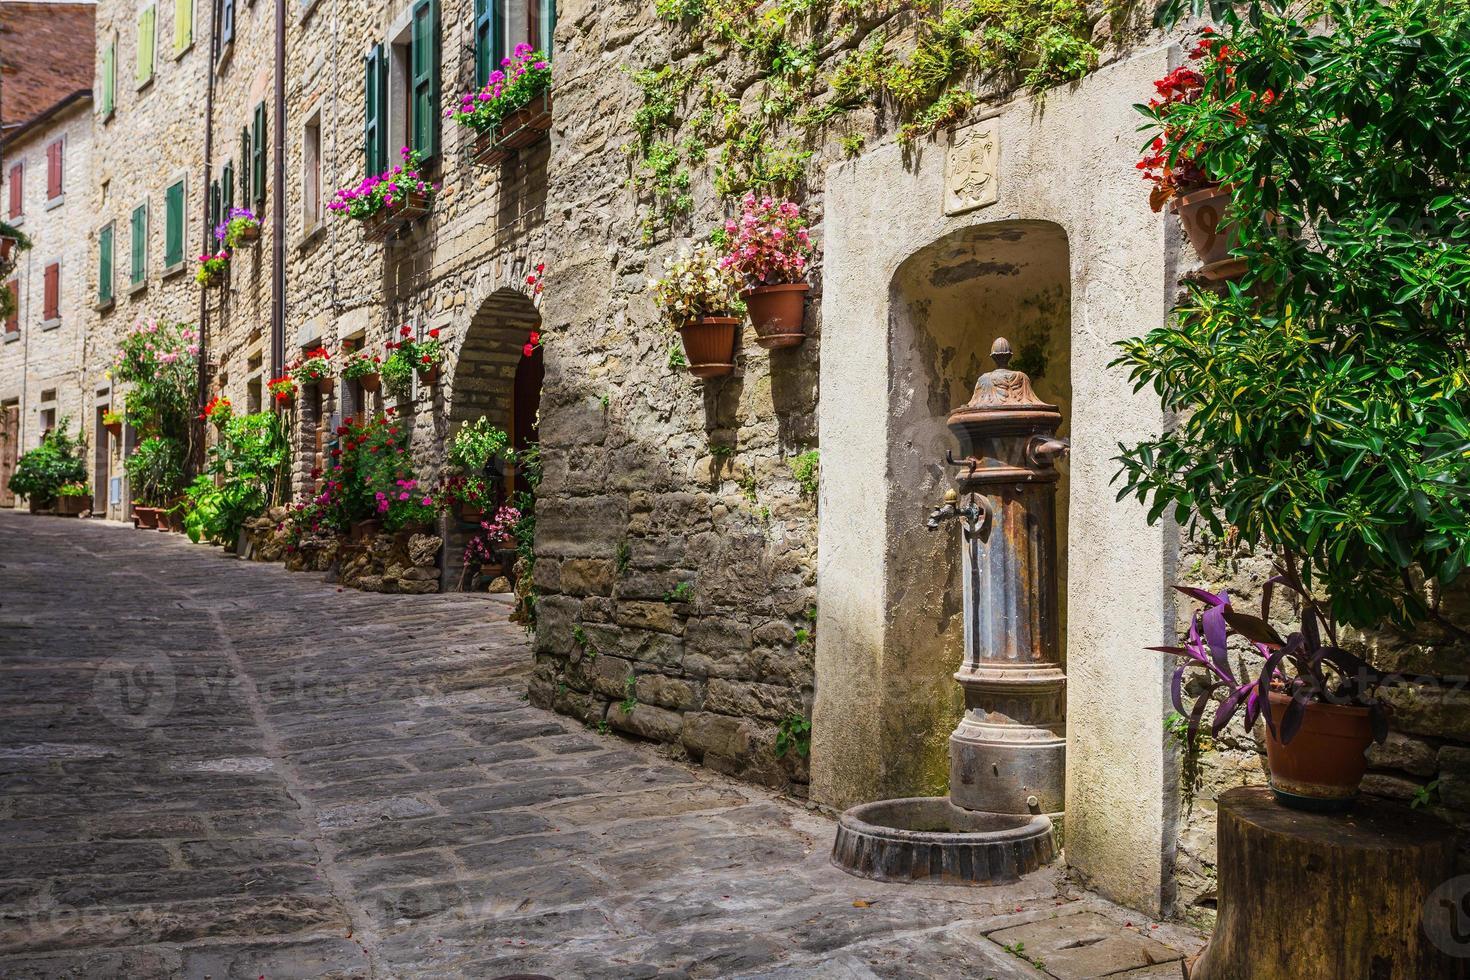 Italiaanse straat in een kleine provinciestad Toscaanse foto